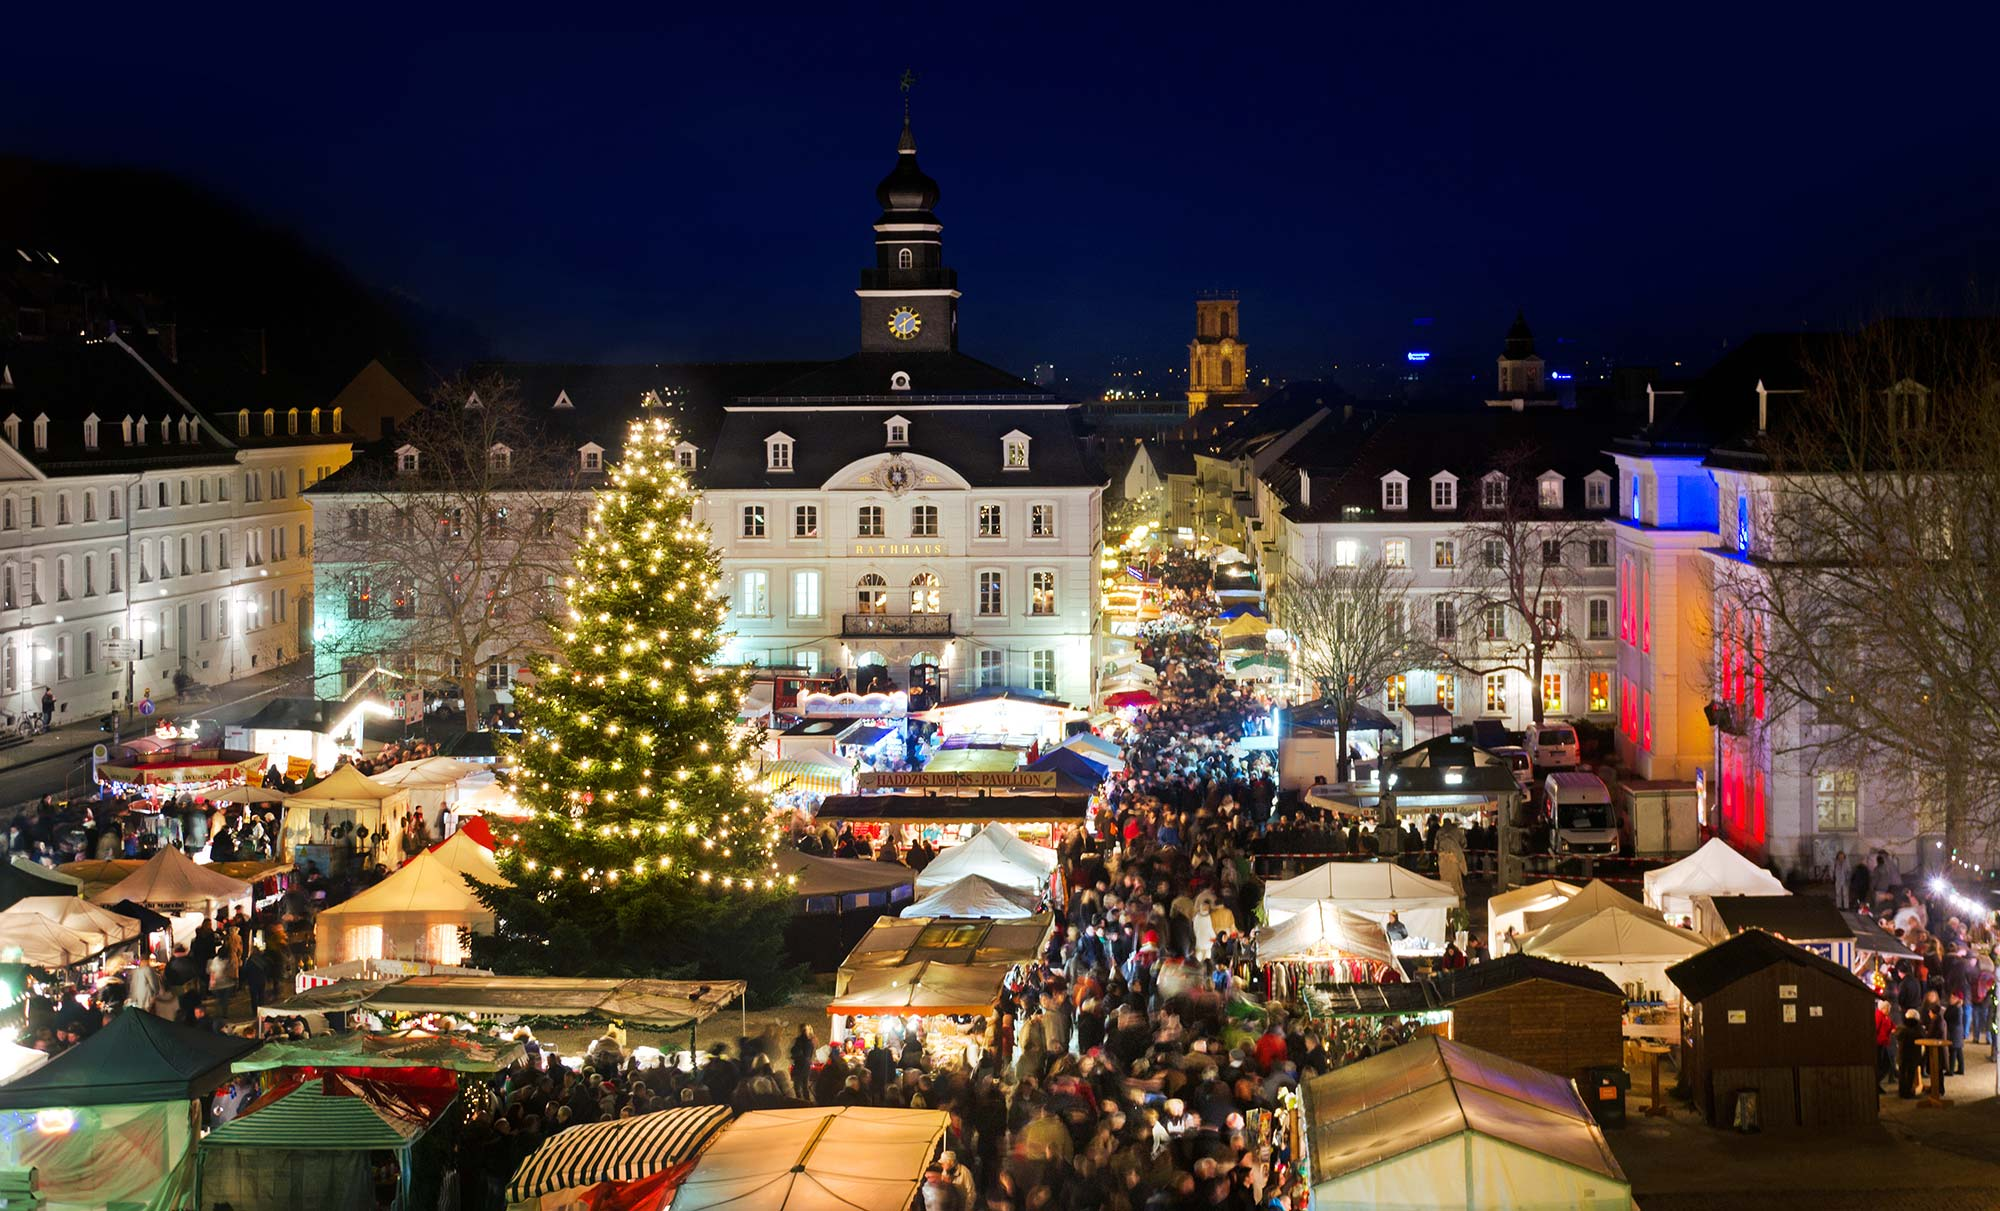 Saarbrücken Weihnachtsmarkt